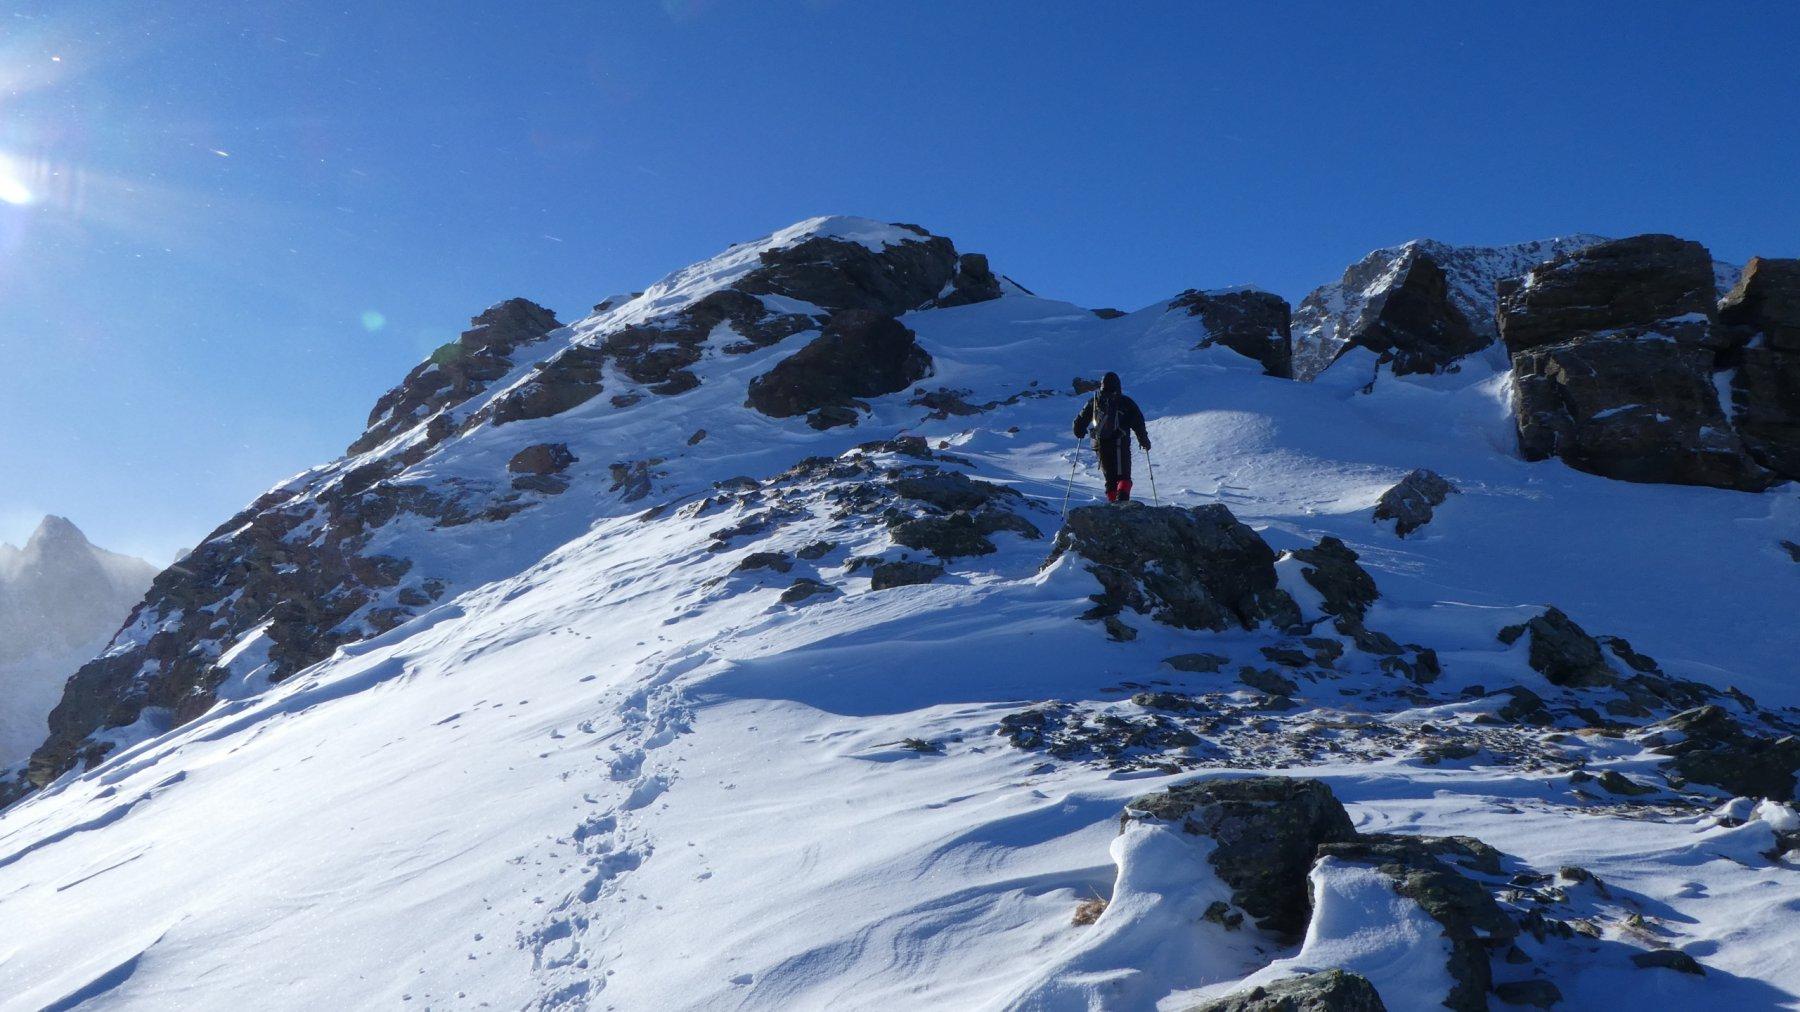 ultimi metri prima di raggiungere il blocco roccioso della cima